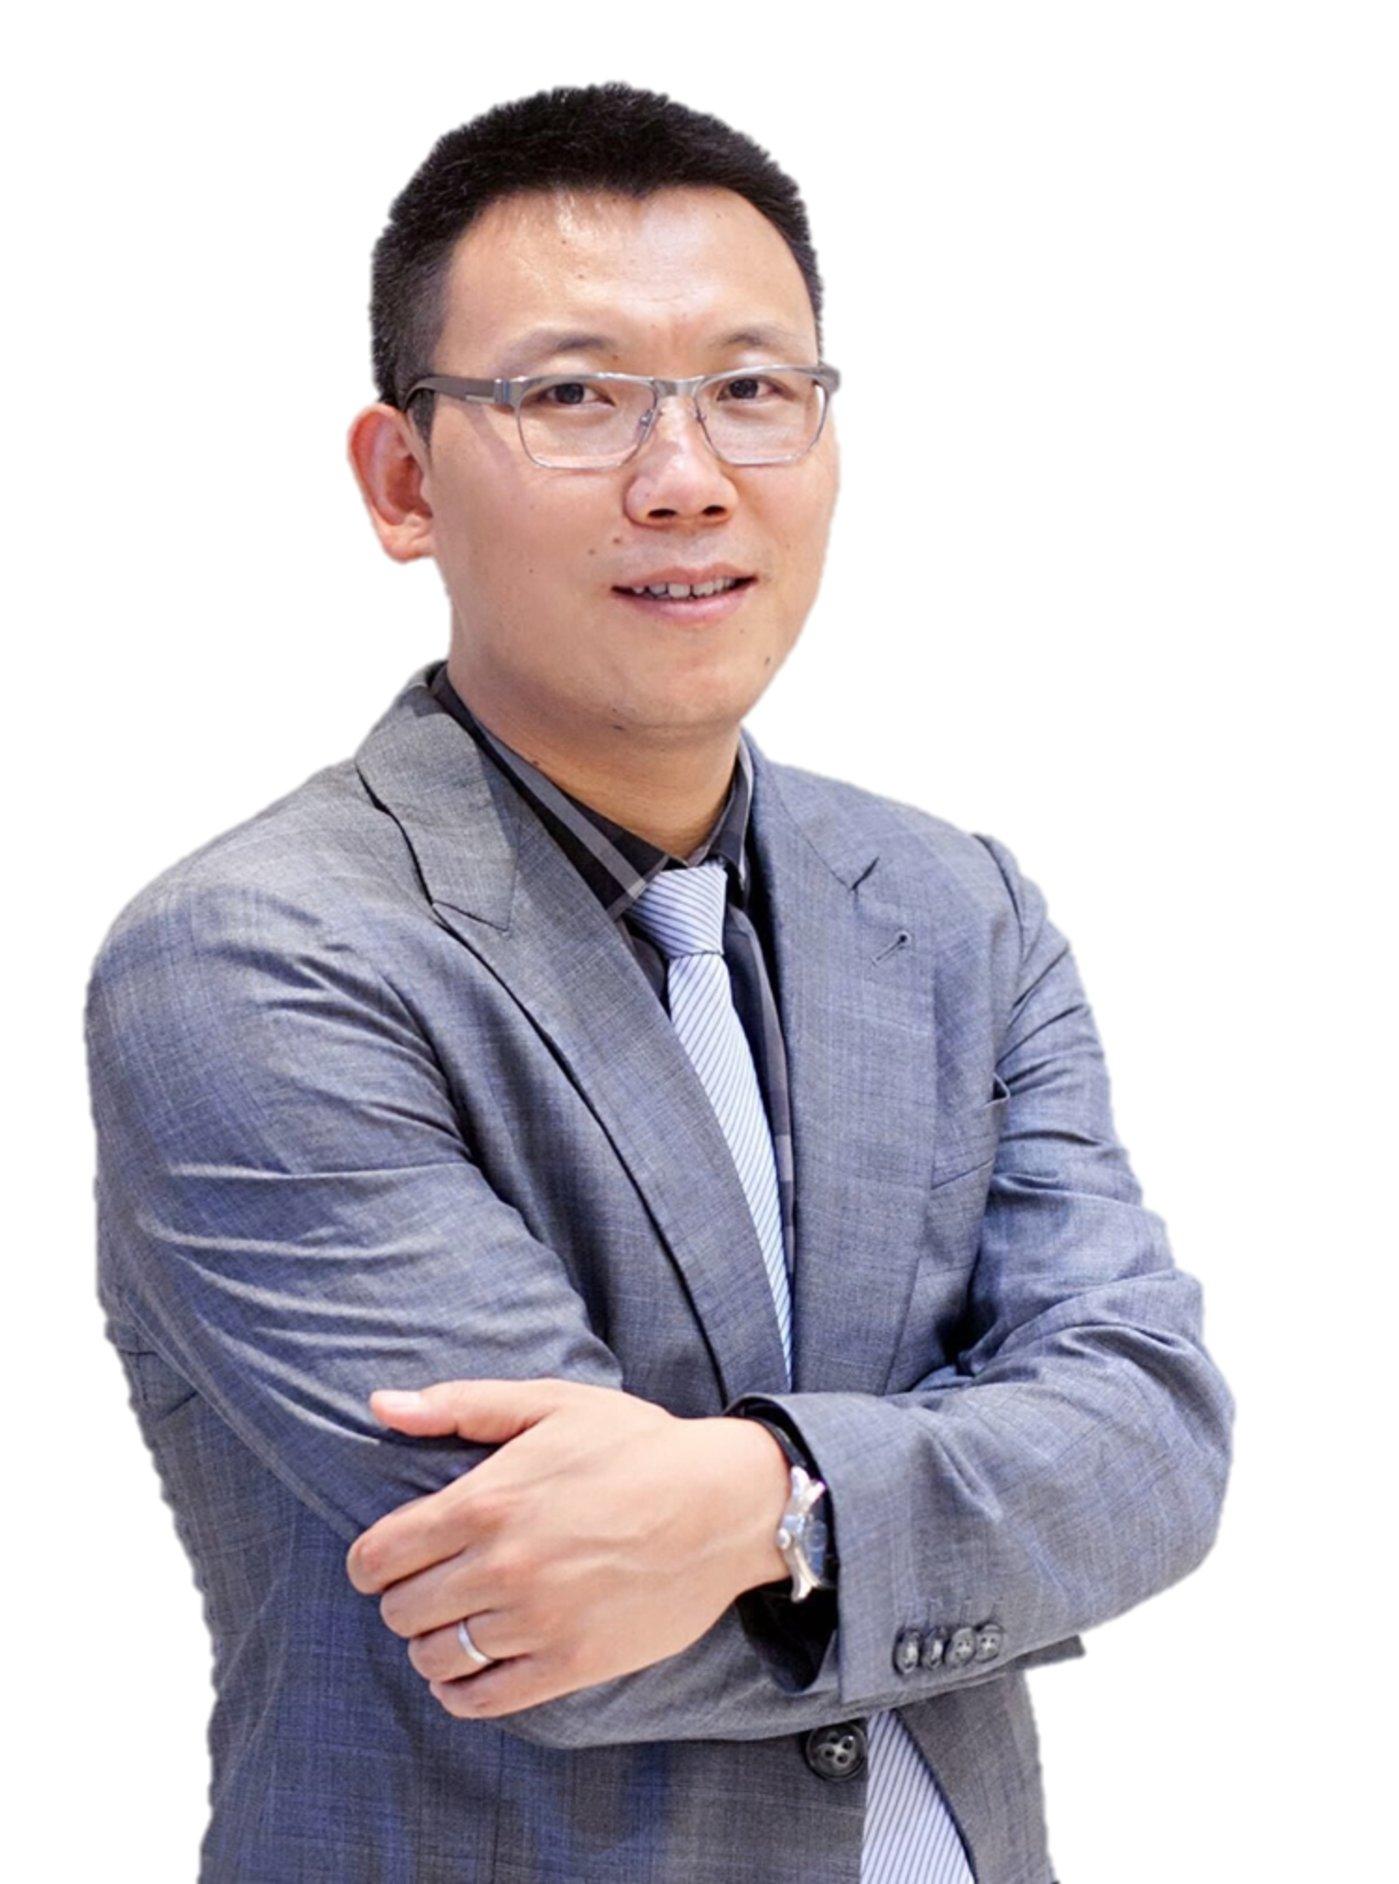 千丁互联高级副总裁 王建辉